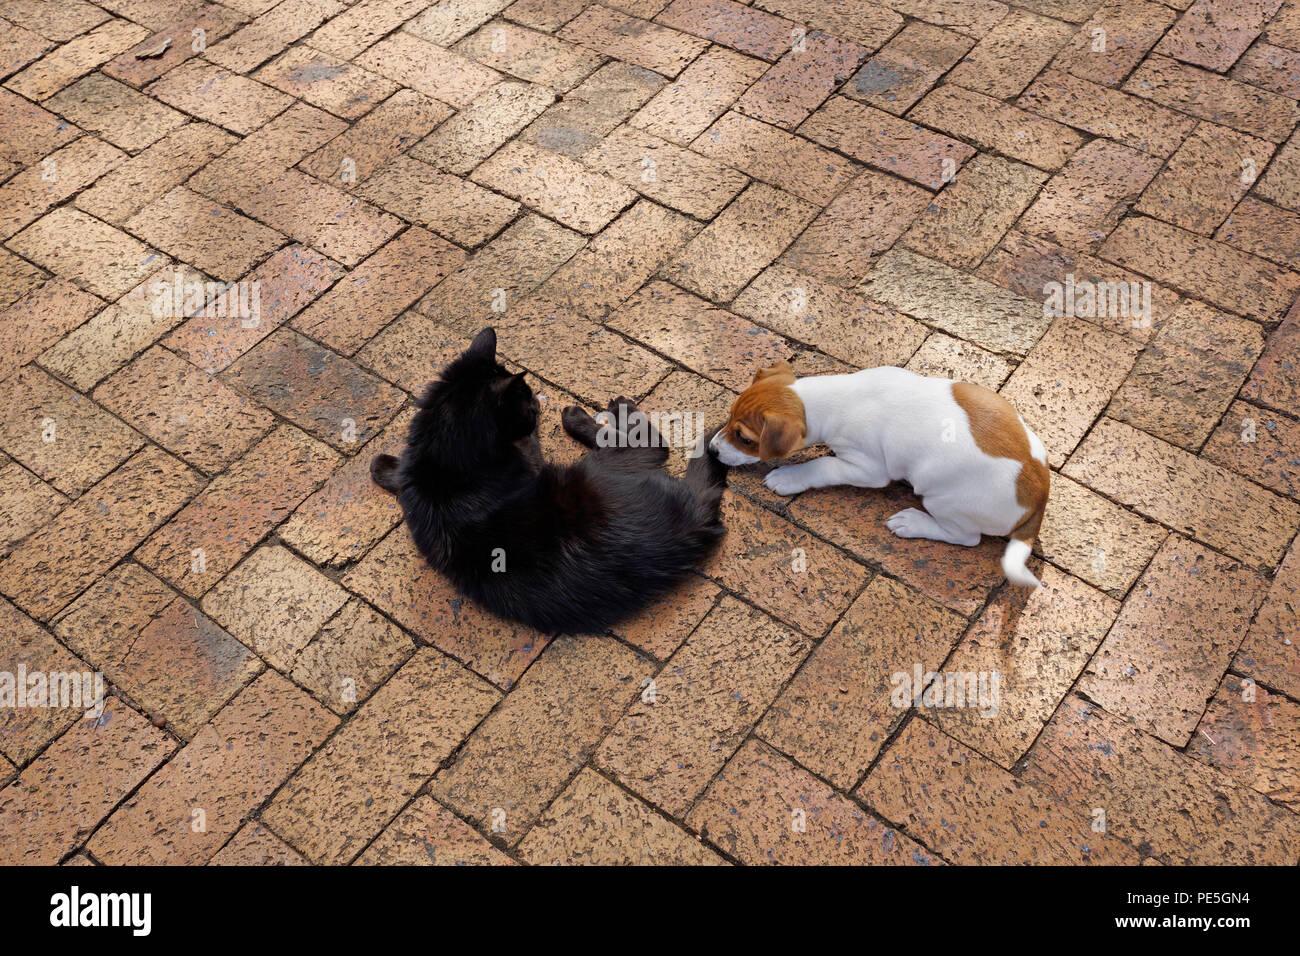 Puppy teasing older cat in garden at Delheim wine estate, Stellenbosch, South Africa. - Stock Image